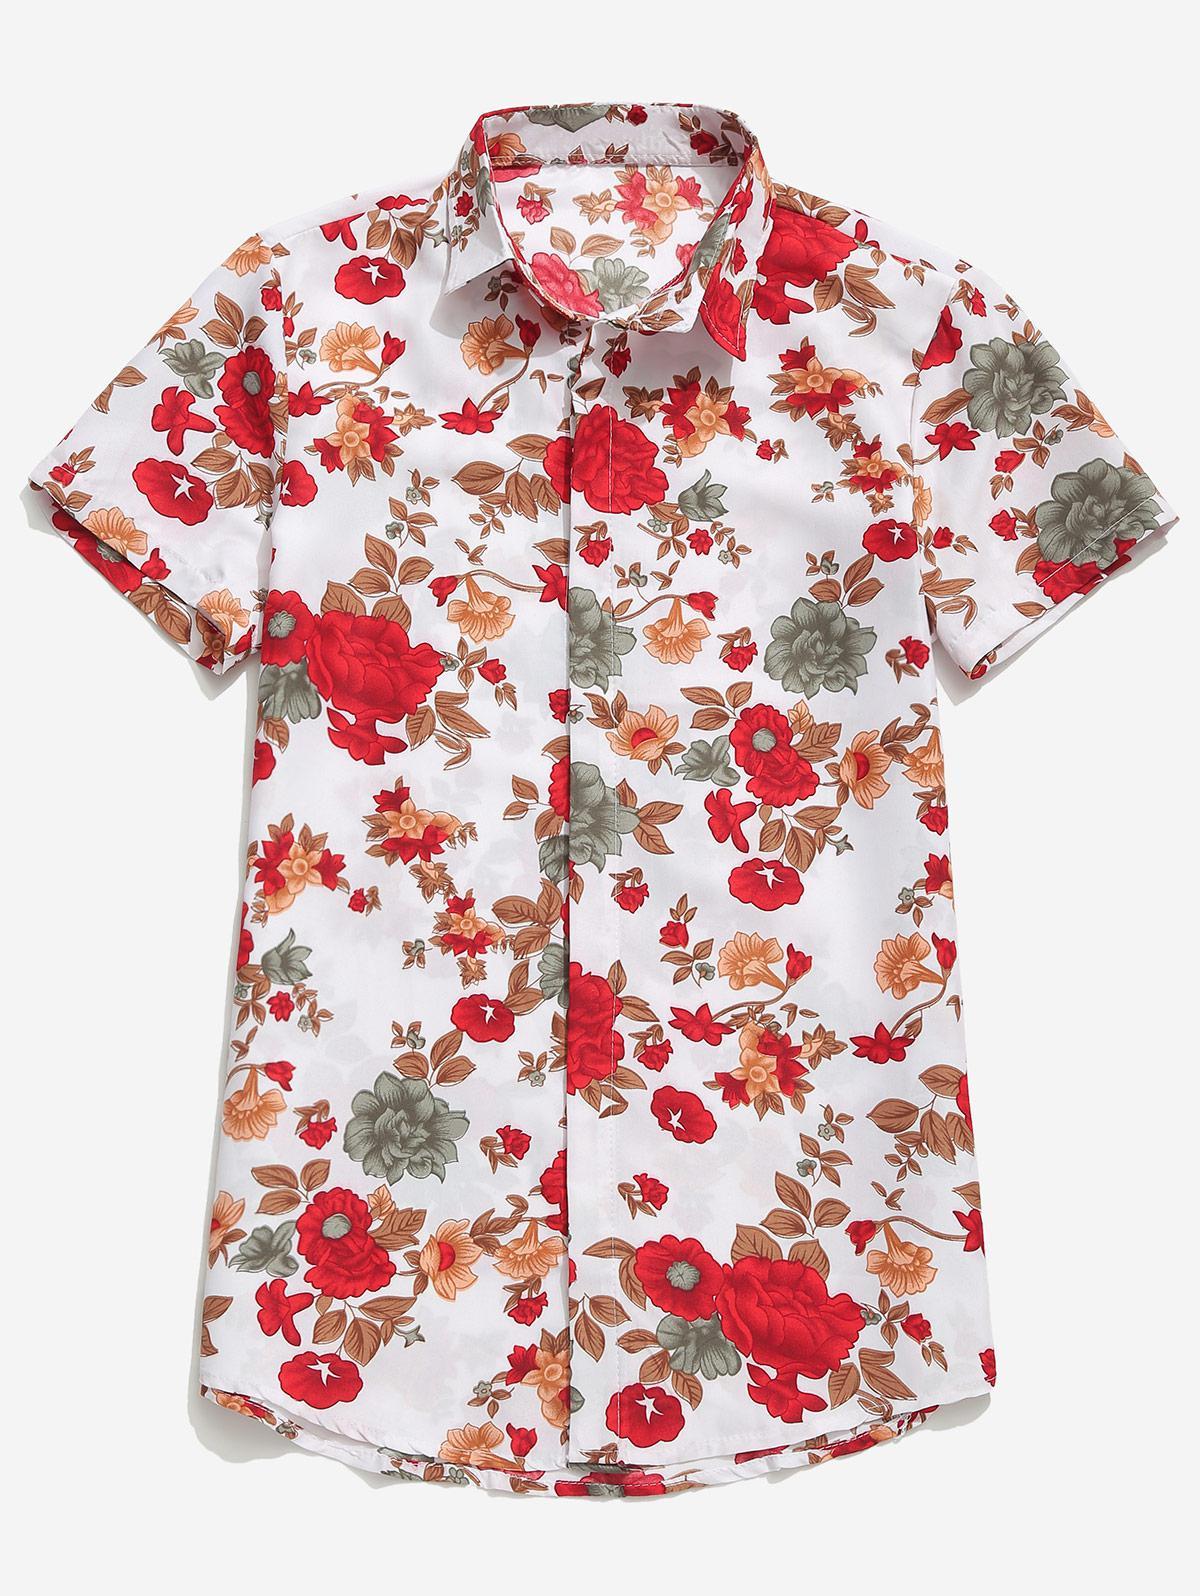 Les Fleurs De La Plante Print Casual Hawaii Plage Shirt